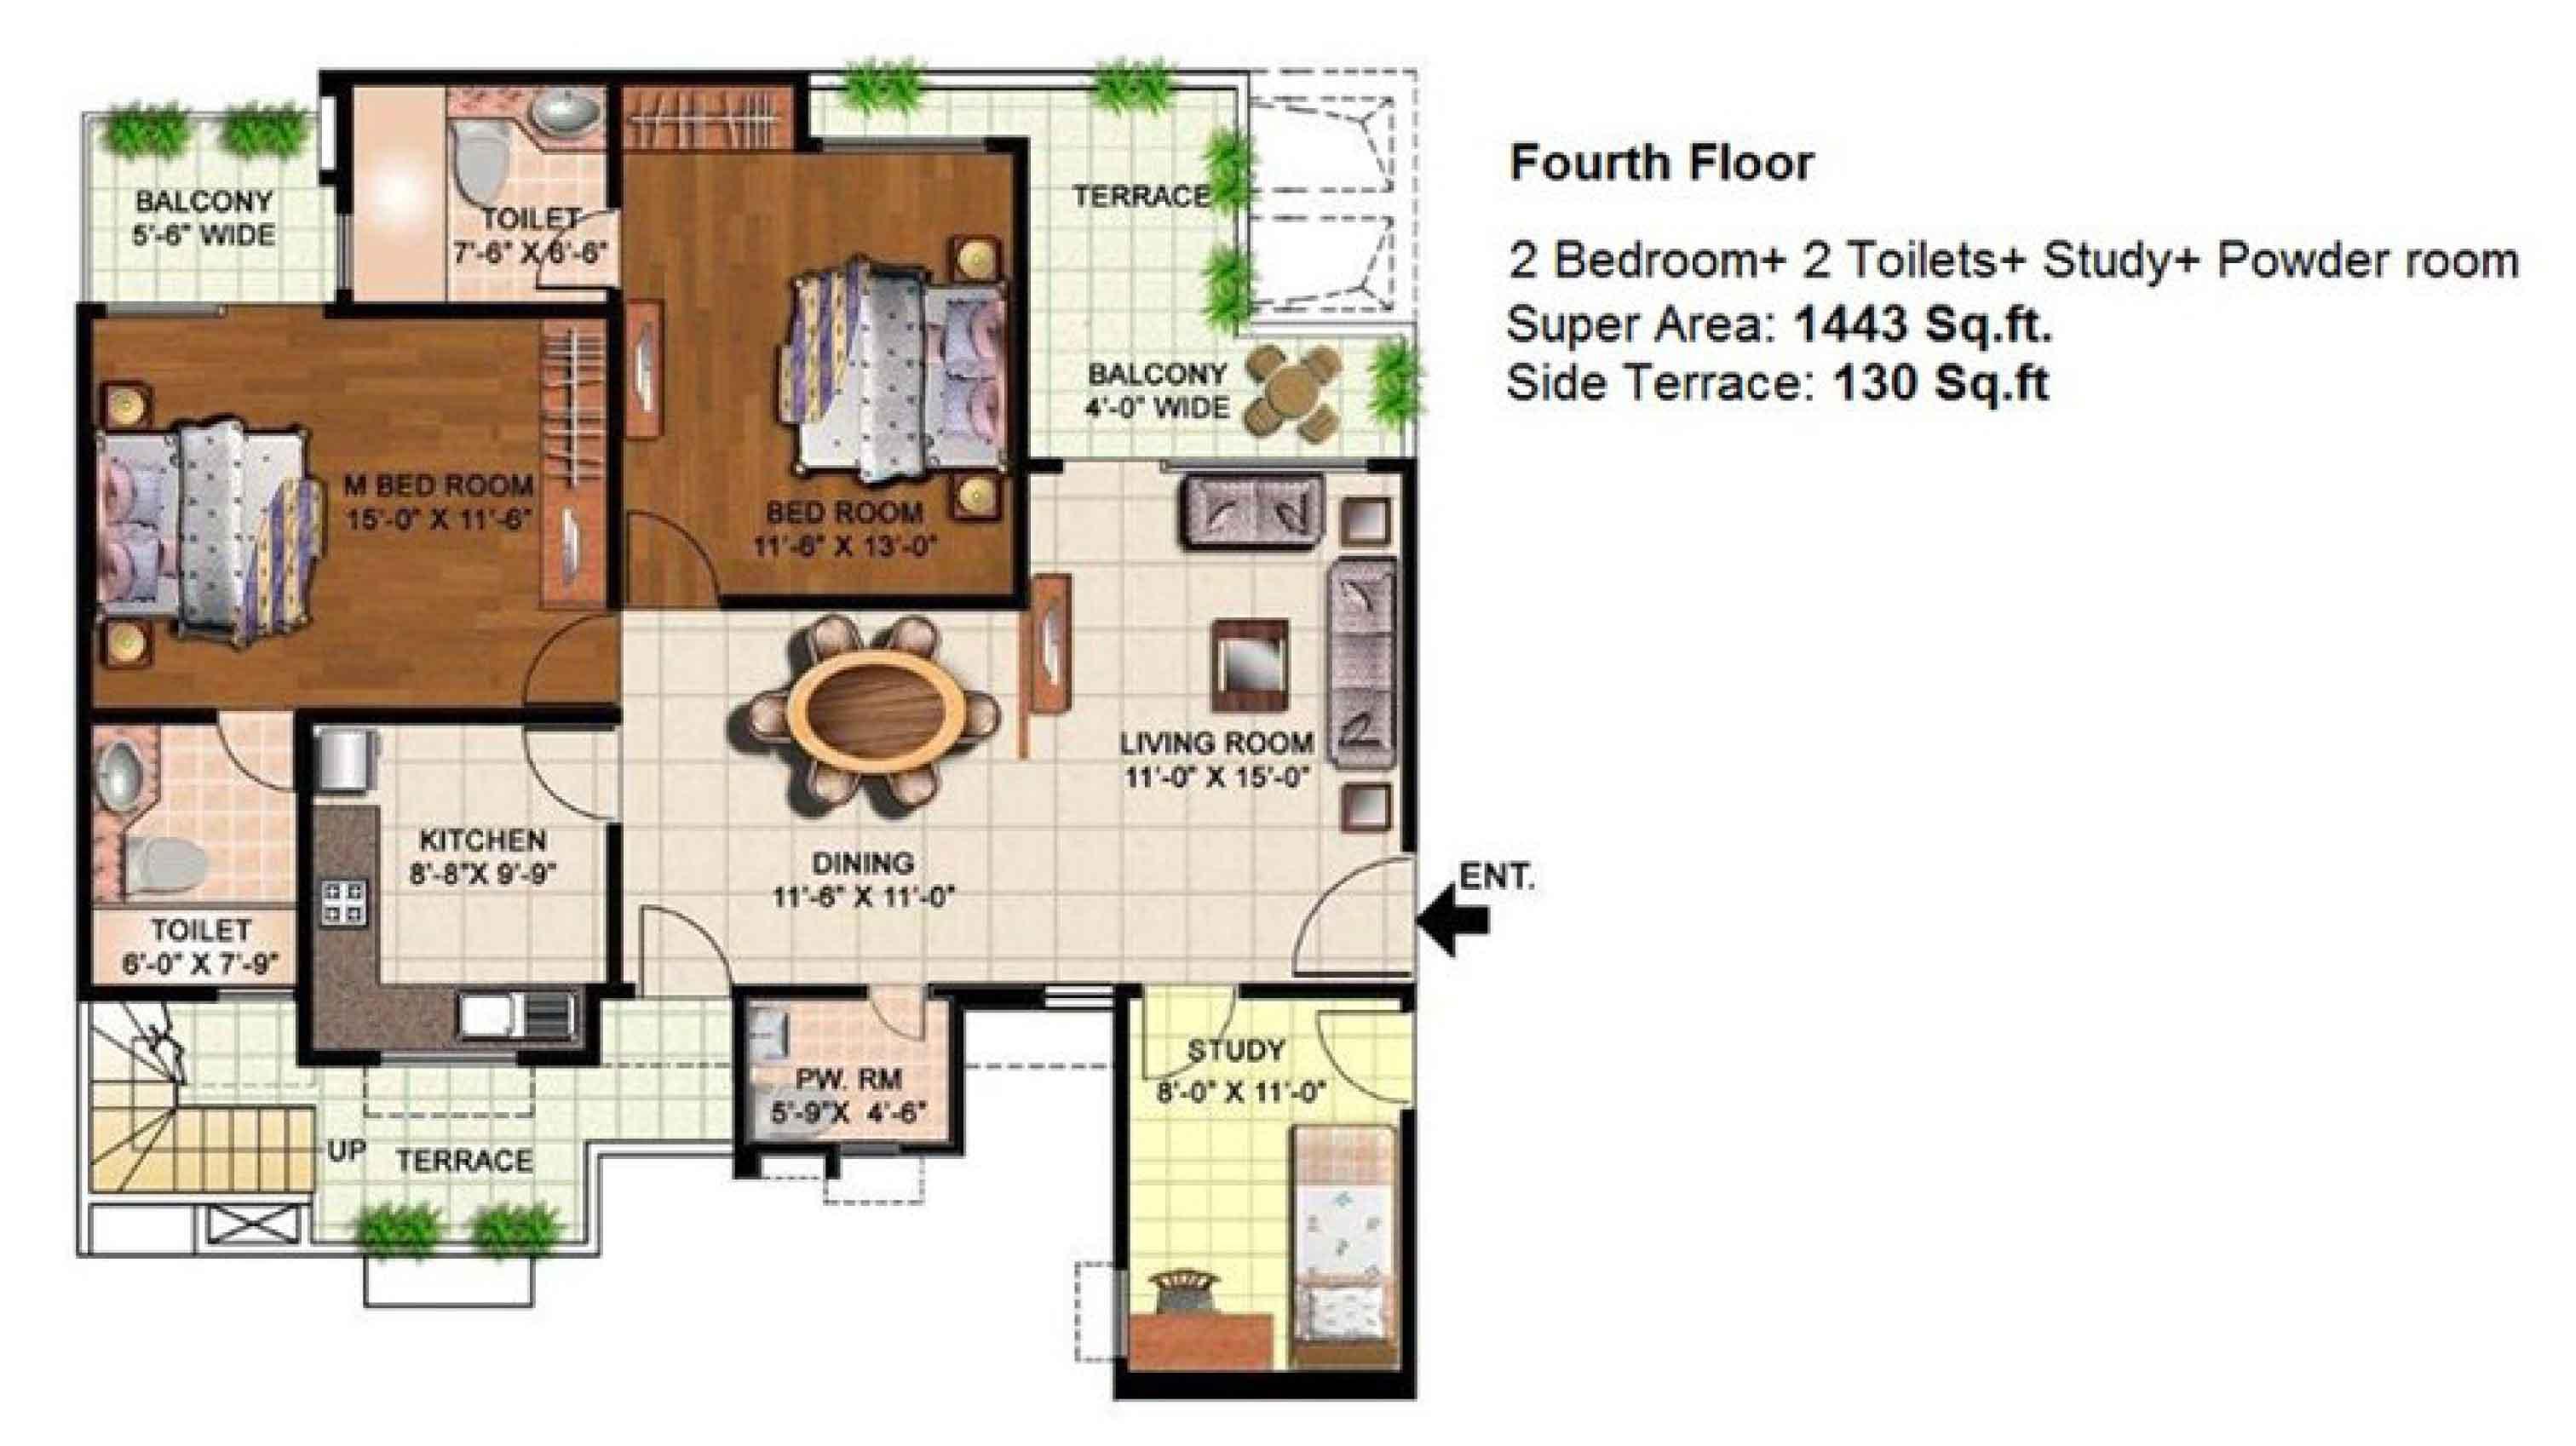 eldeco mystic greens floor plan 2bhk+2toilet 1443 sqr ft